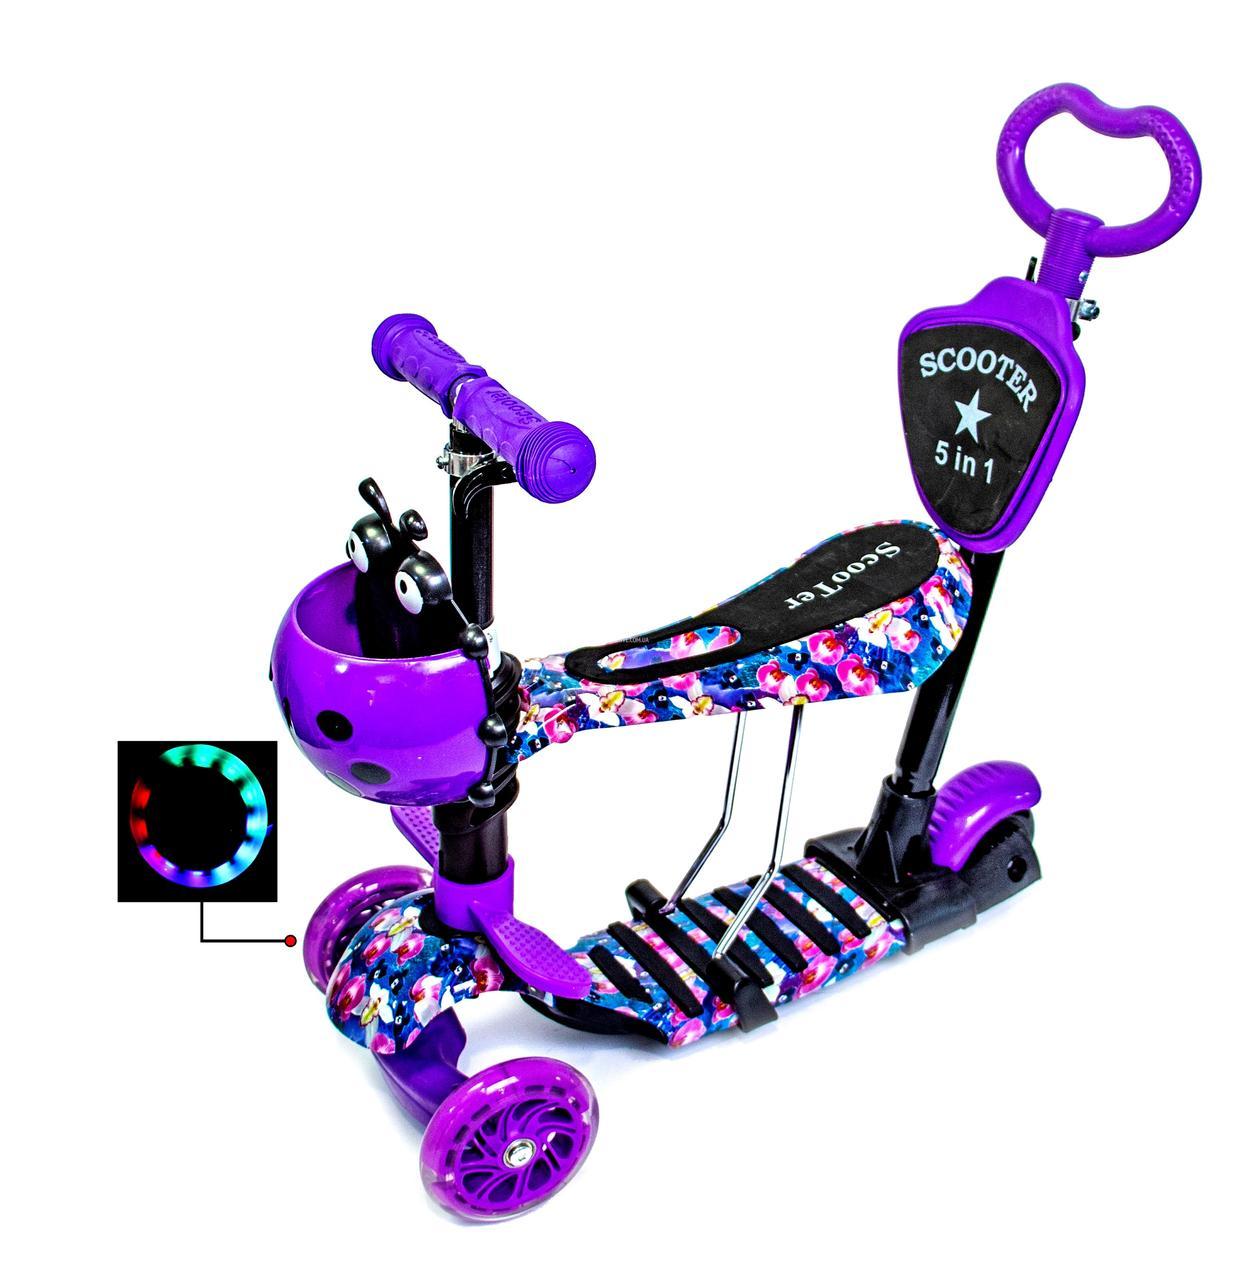 Самокат Scooter 5in1 з малюнком Фіолетовий орхідея Гарантія якості Швидка доставка